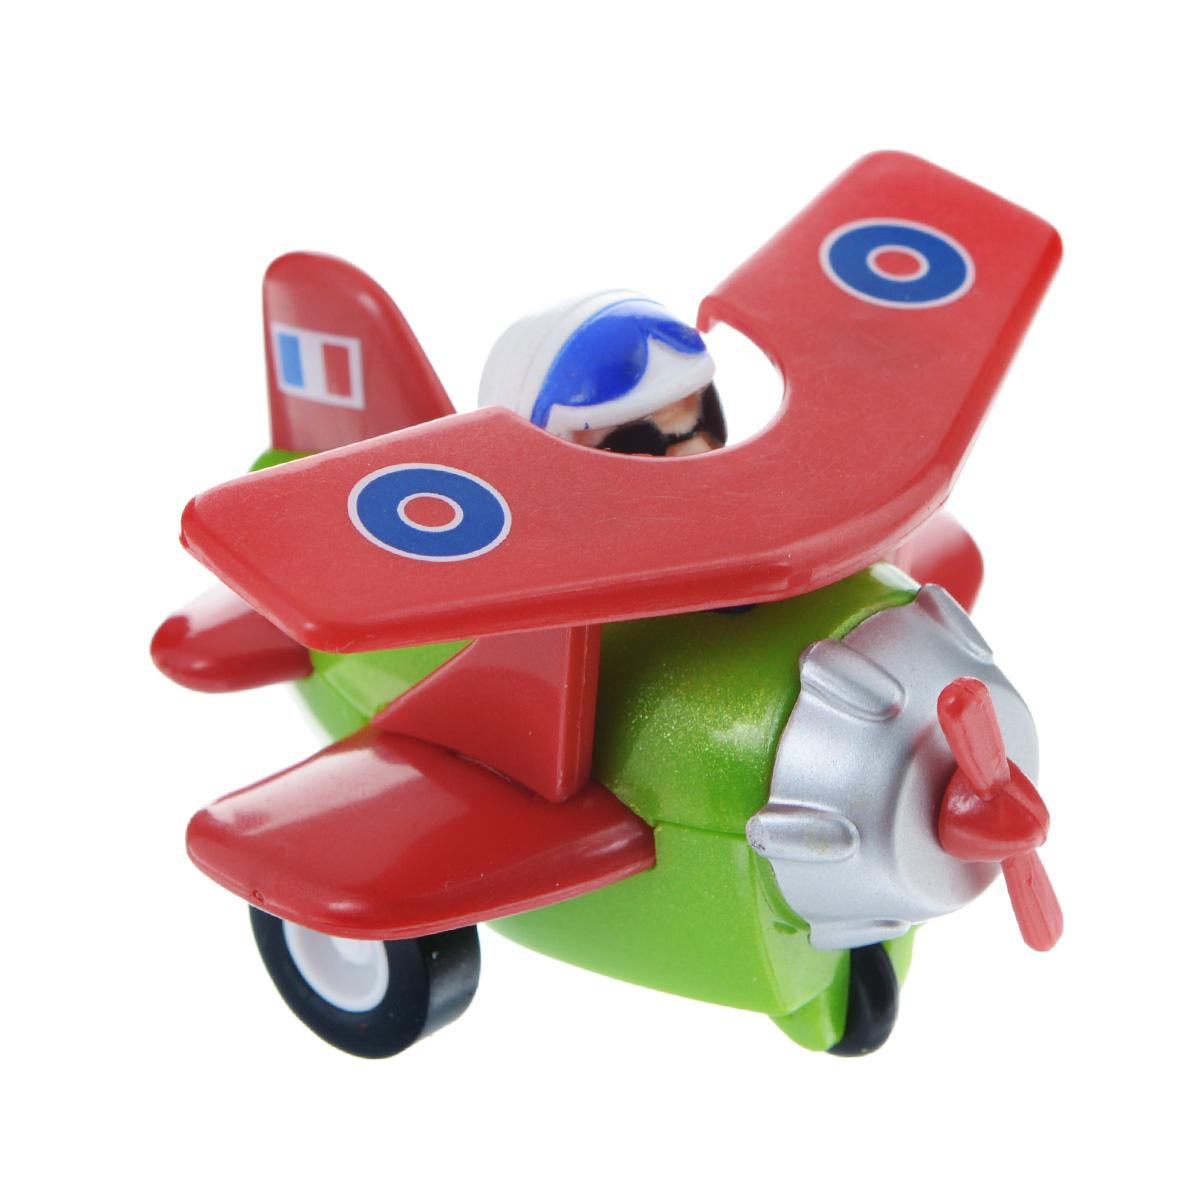 Hans Самолет инерционный цвет красный зеленый самолет самолетик синий